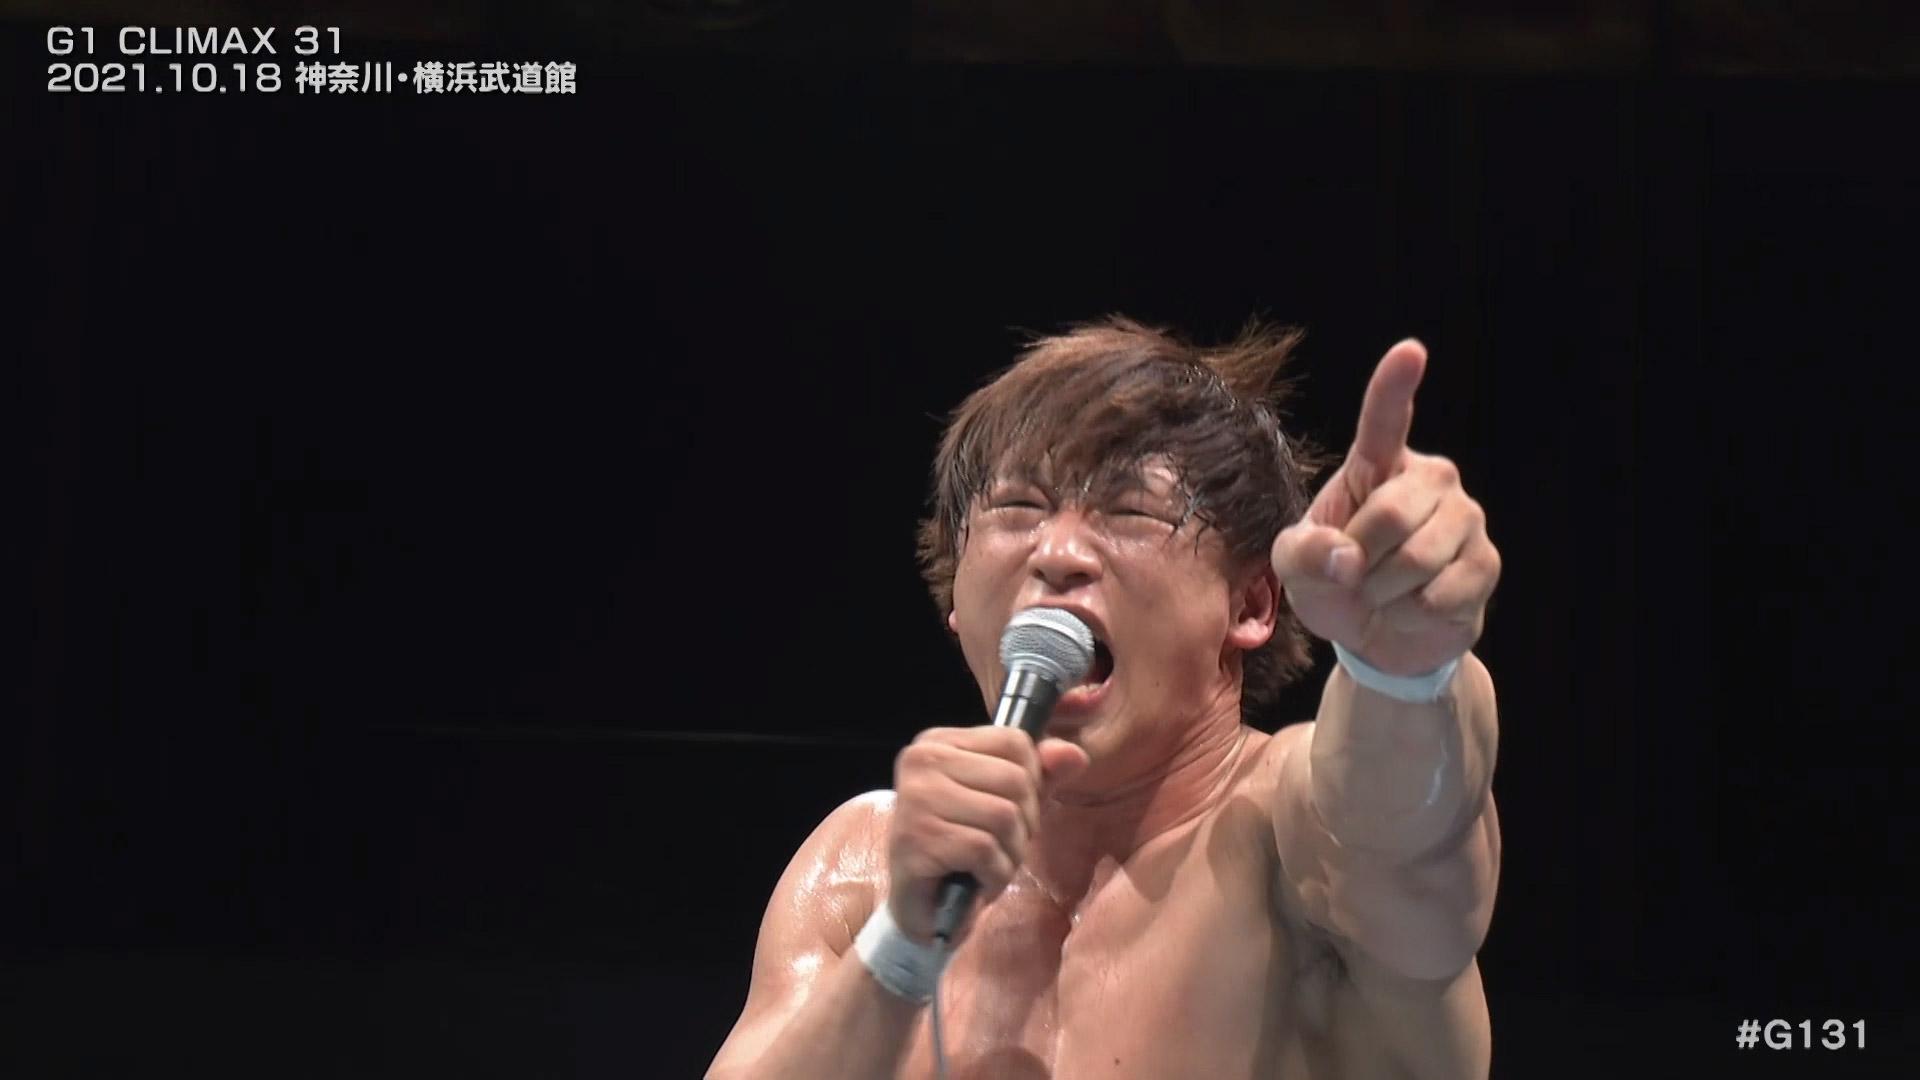 【大会締めコメント】新日本プロレス 2021年10月18日『G1 CLIMAX 31』